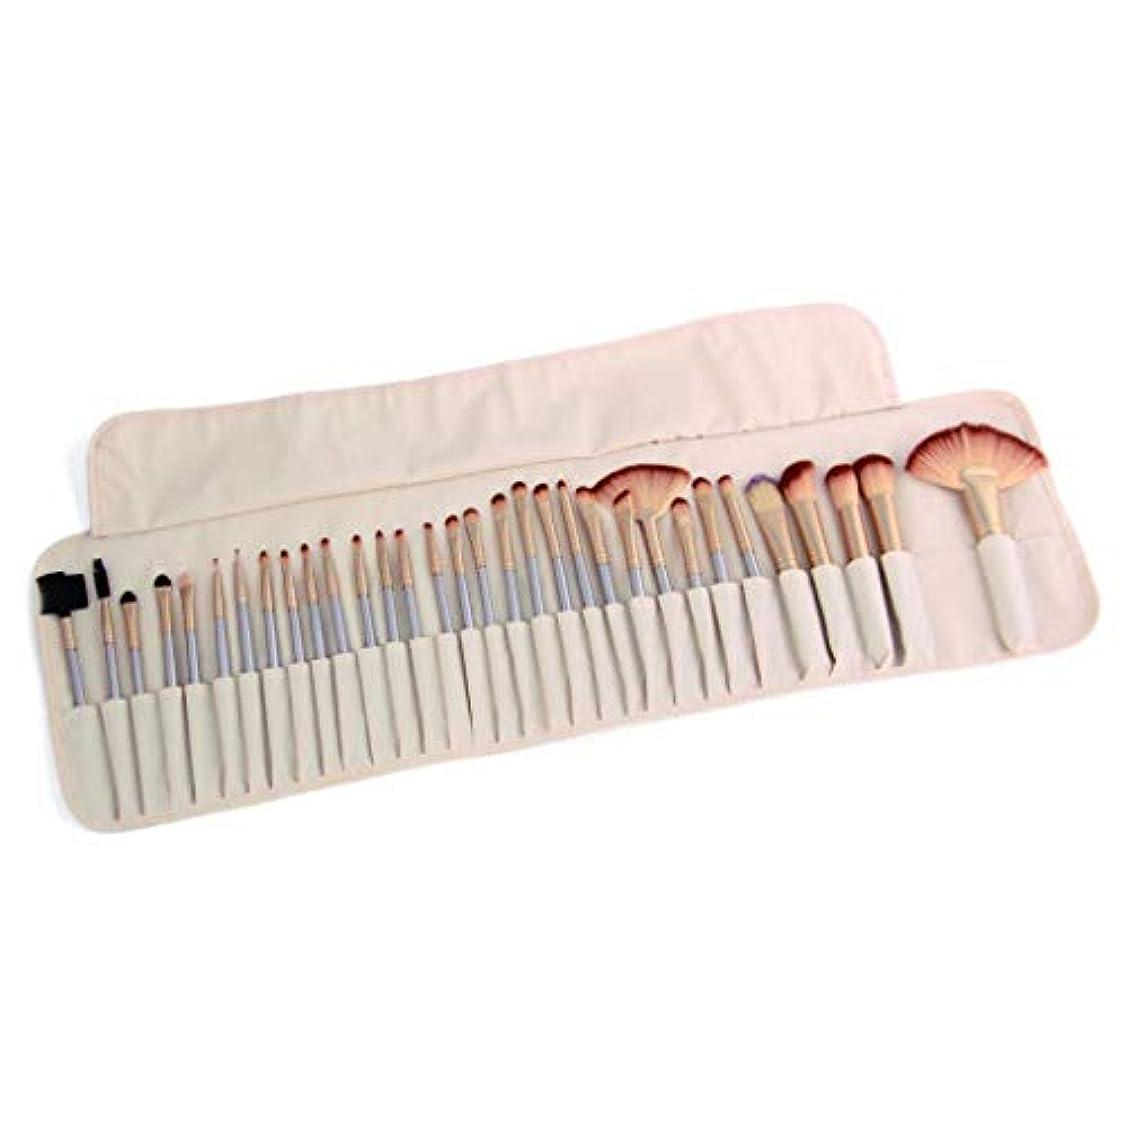 風邪をひく昼寝タイトル32化粧ブラシセットユニバーサル化粧道具アイシャドウブラシファンデーションブラシ,White